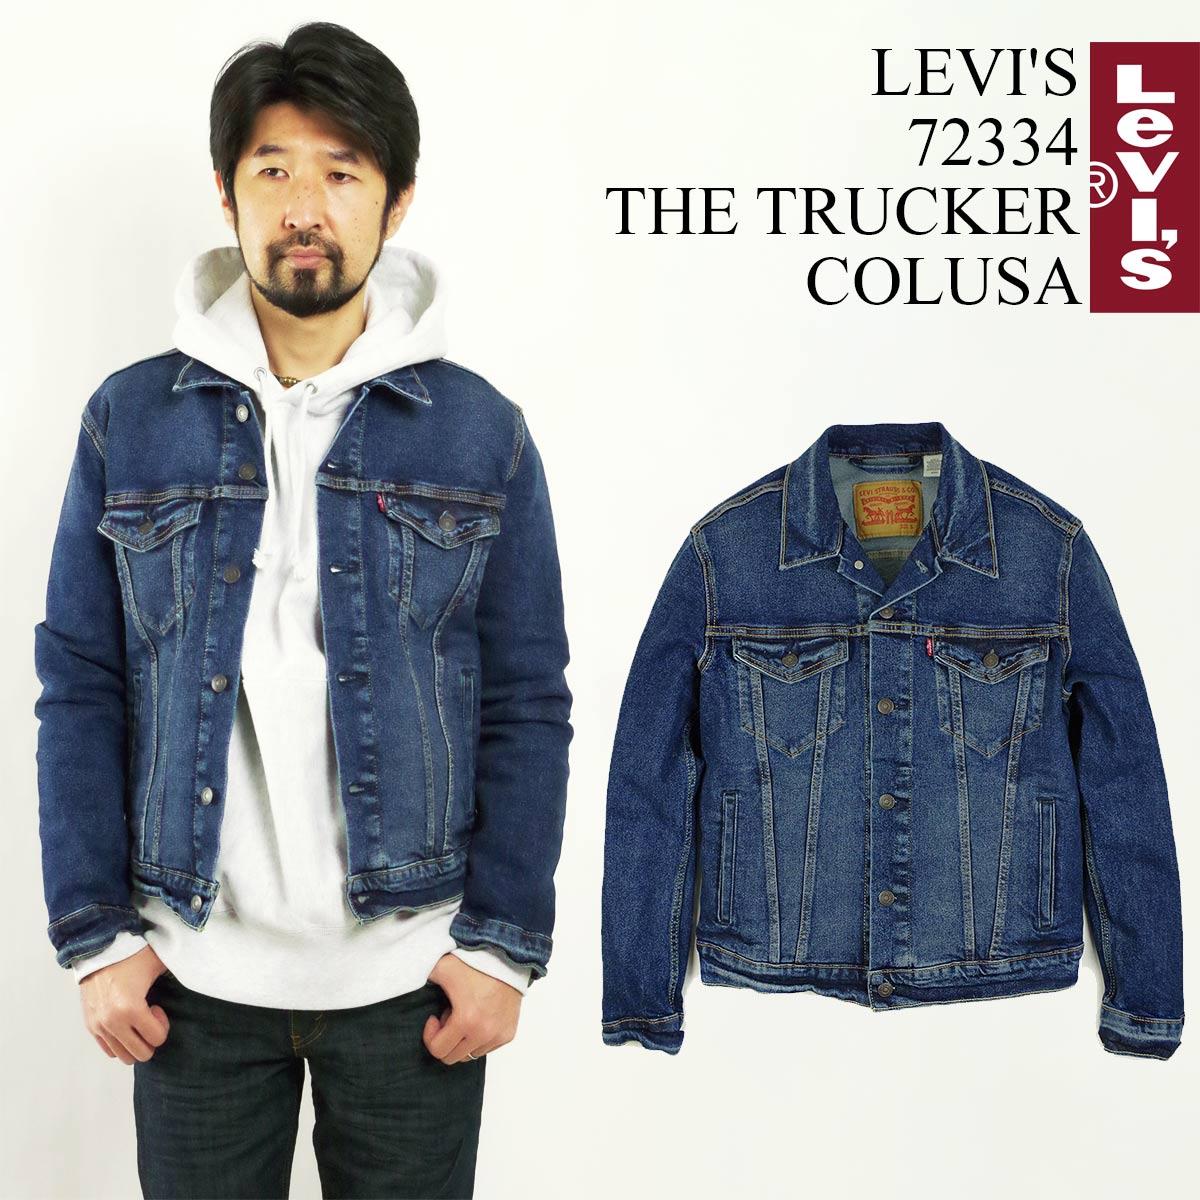 リーバイス LEVI'S #72334 デニムジャケット ザ・トラッカー コルサ (ジャケット THE TRUCKER 3RD ジージャン Gジャン COLUSA)